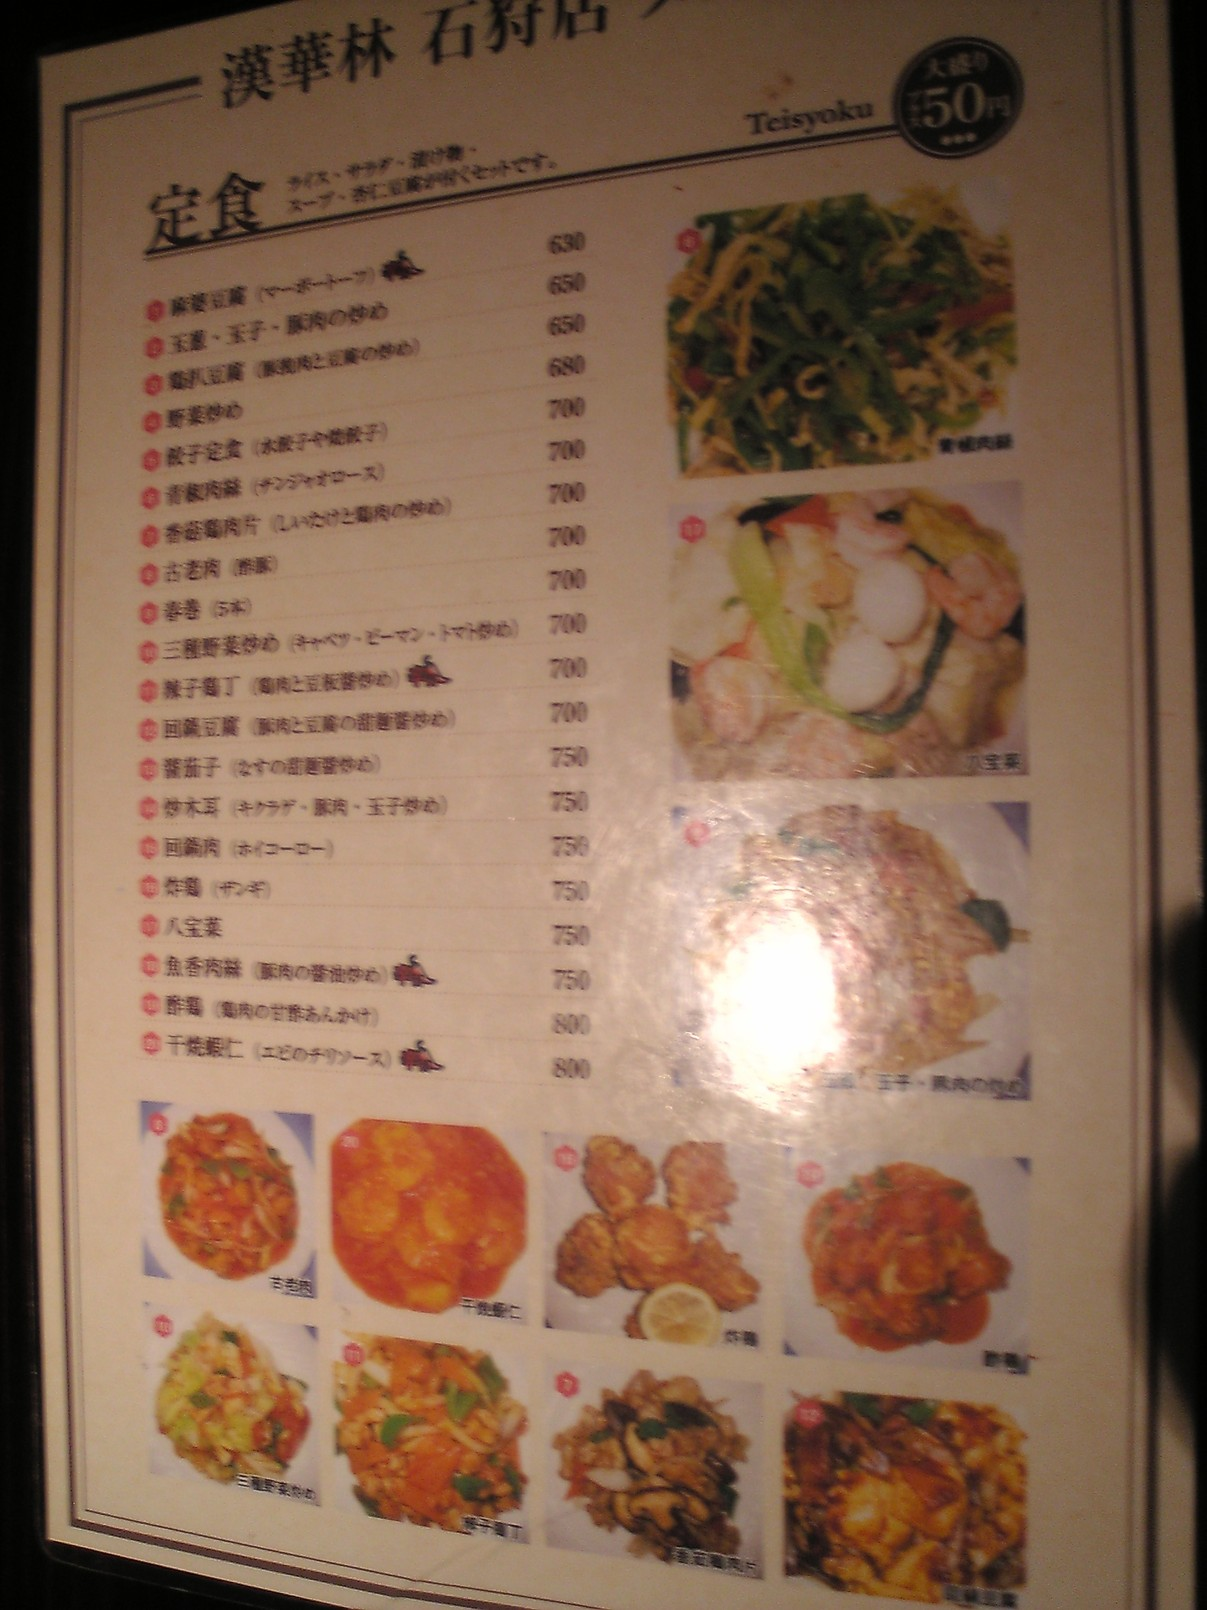 中華料理 漢華林 石狩店